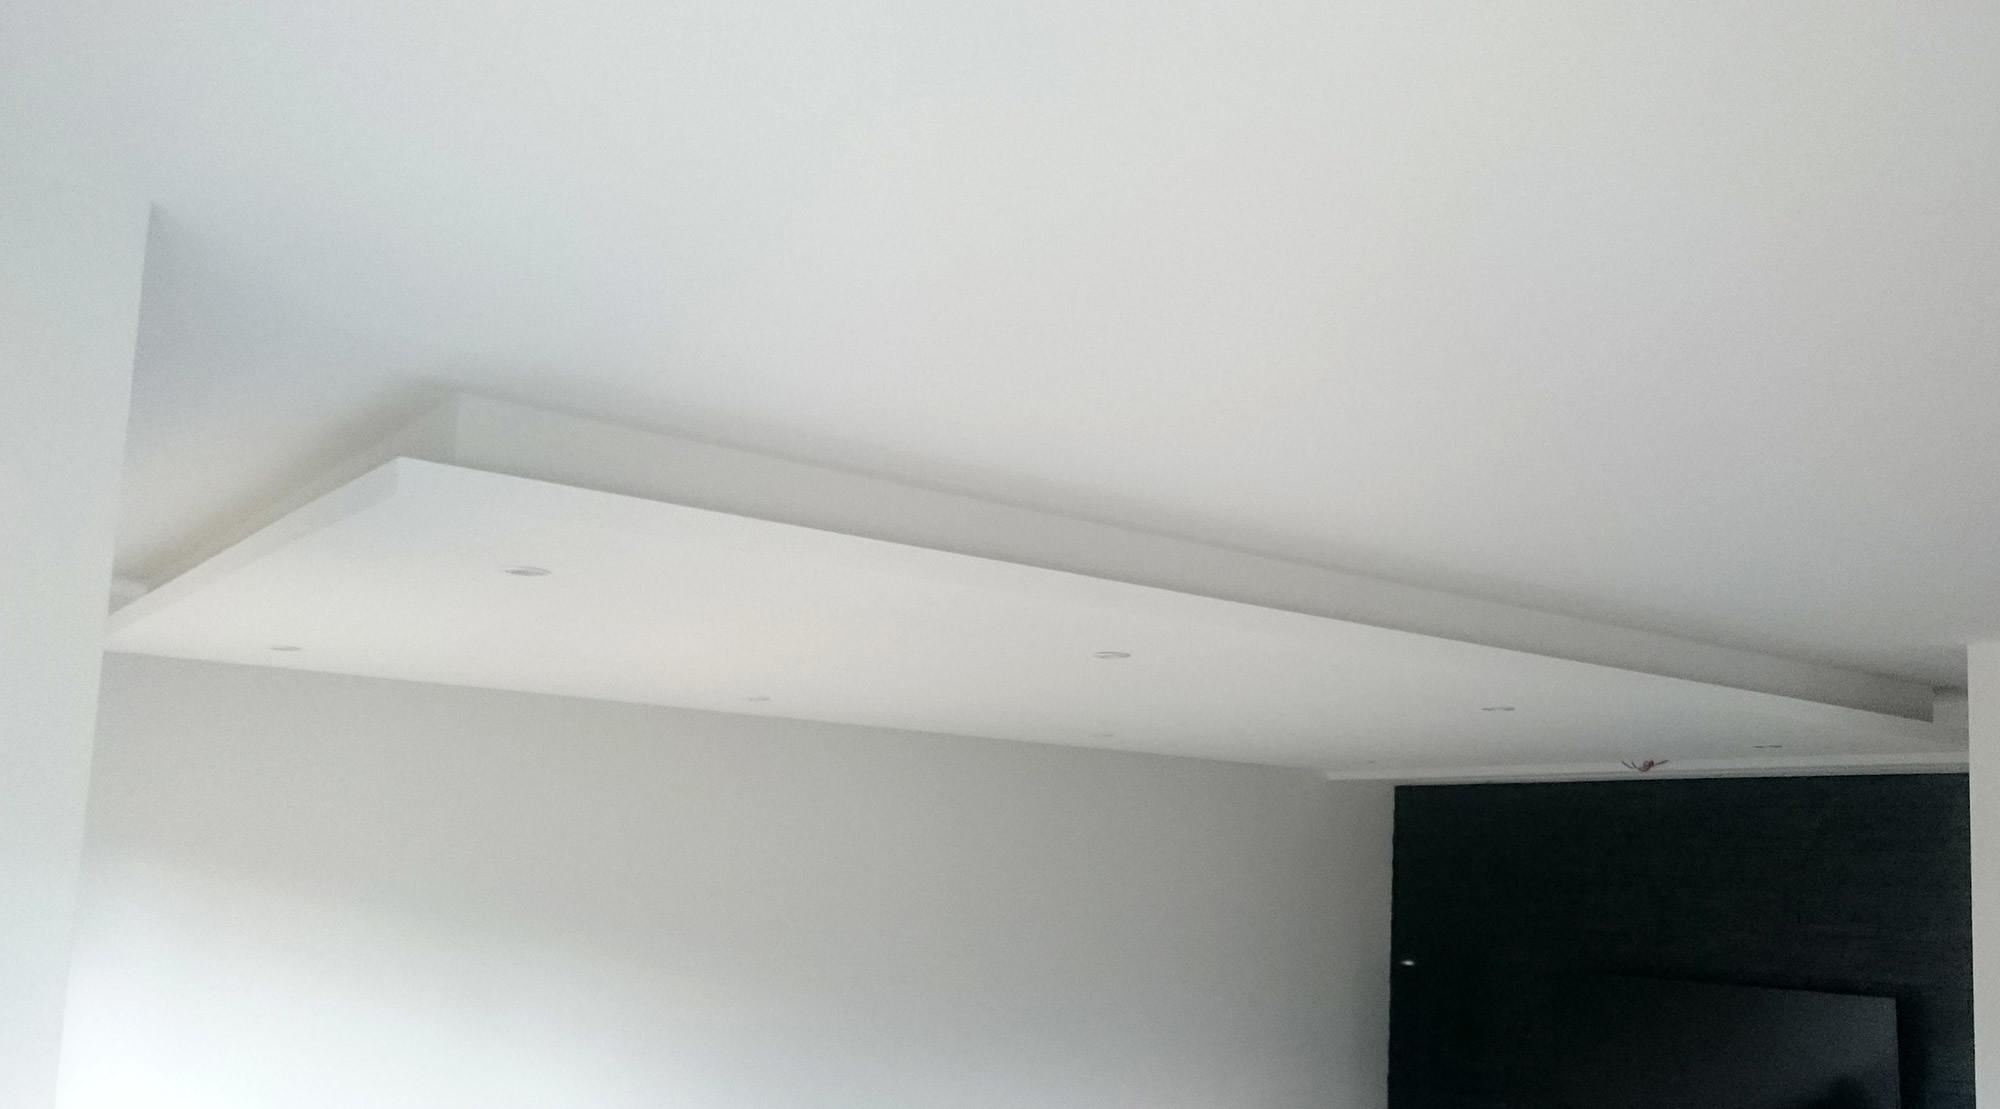 Full Size of Wohnzimmer Lampen Indirekte Beleuchtung Indirekte Beleuchtung Wohnzimmerschrank Ideen Für Indirekte Beleuchtung Im Wohnzimmer Indirekte Beleuchtung Wohnzimmer Bilder Wohnzimmer Indirekte Beleuchtung Wohnzimmer